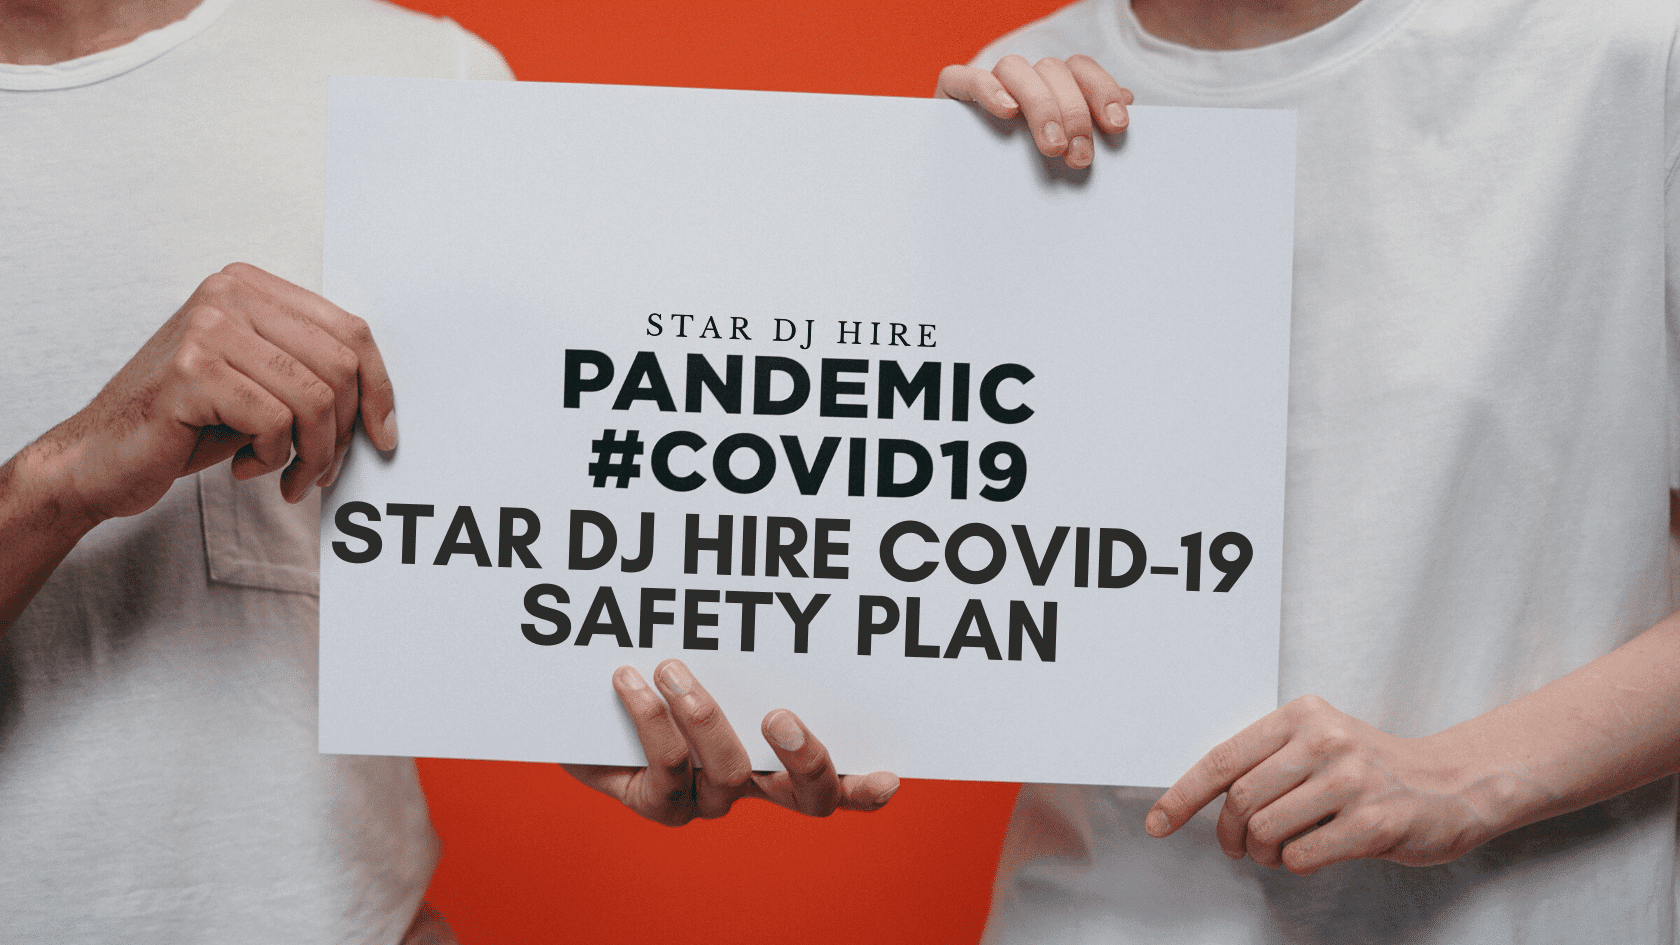 Star DJ contrata el plan de seguridad COVID-19 1